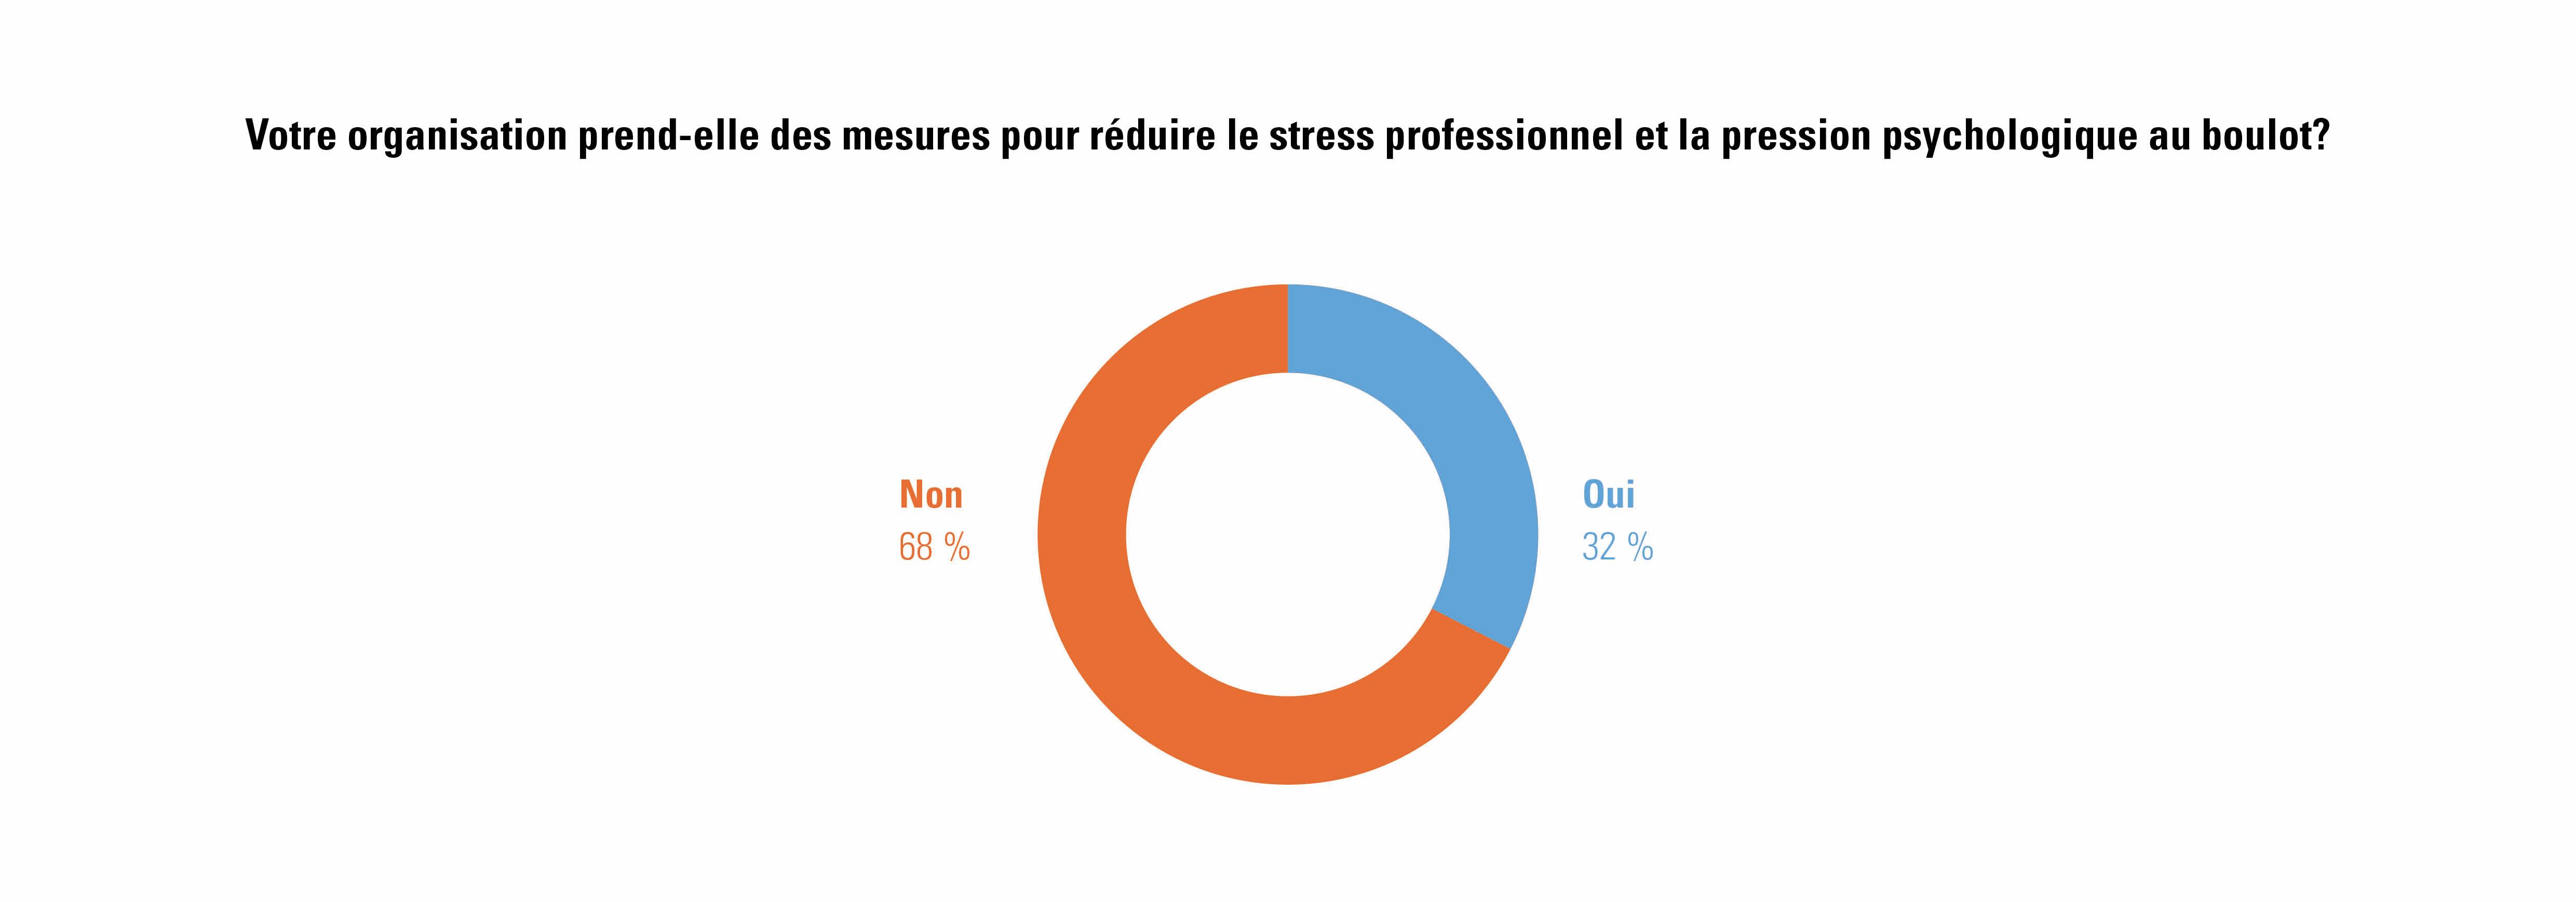 réponses des employeurs sur les mesures prises contre le stress